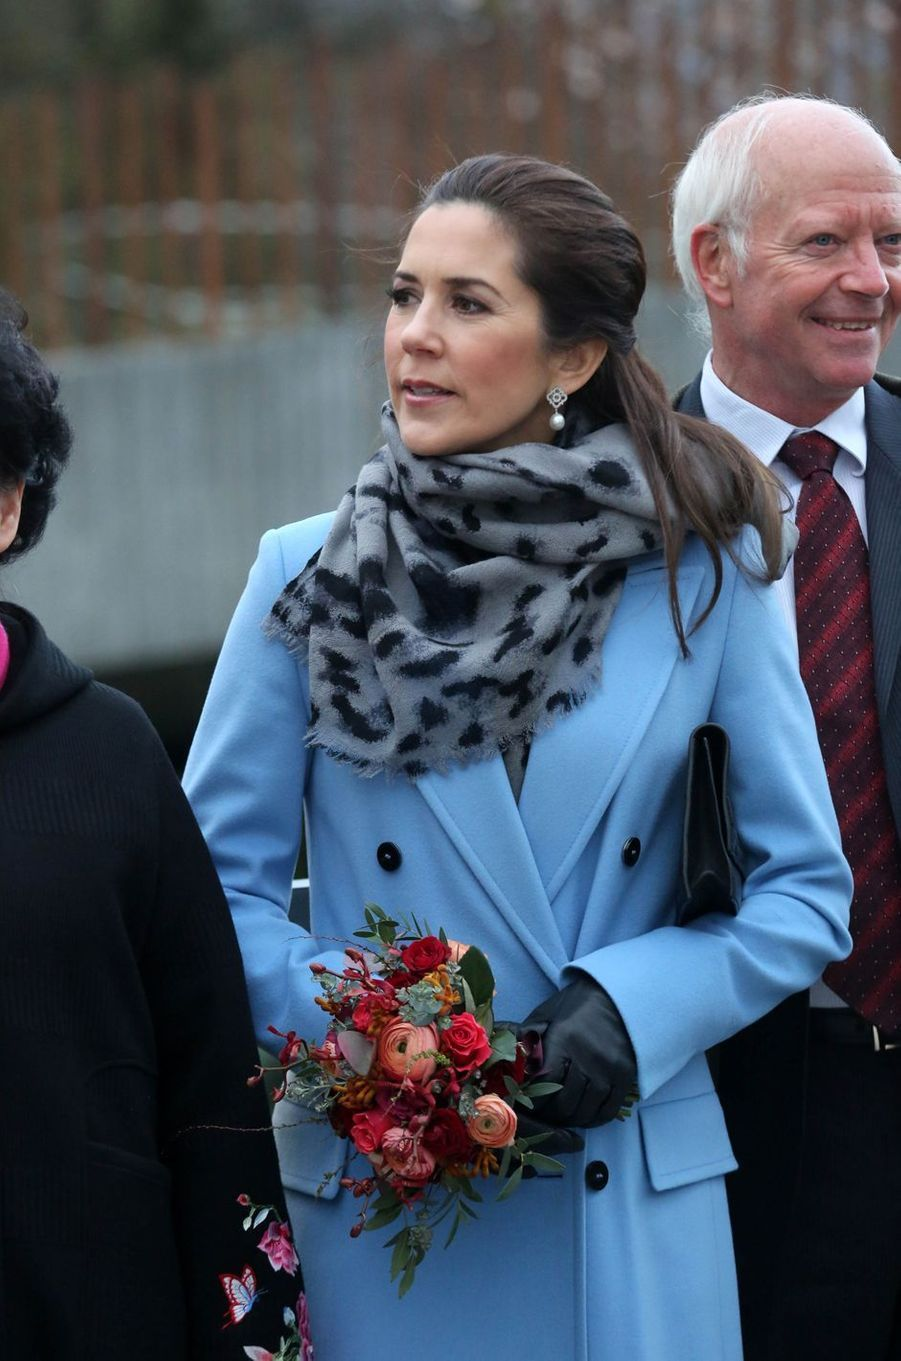 La princesse Mary de Danemark à Copenhague, le 10 avril 2019